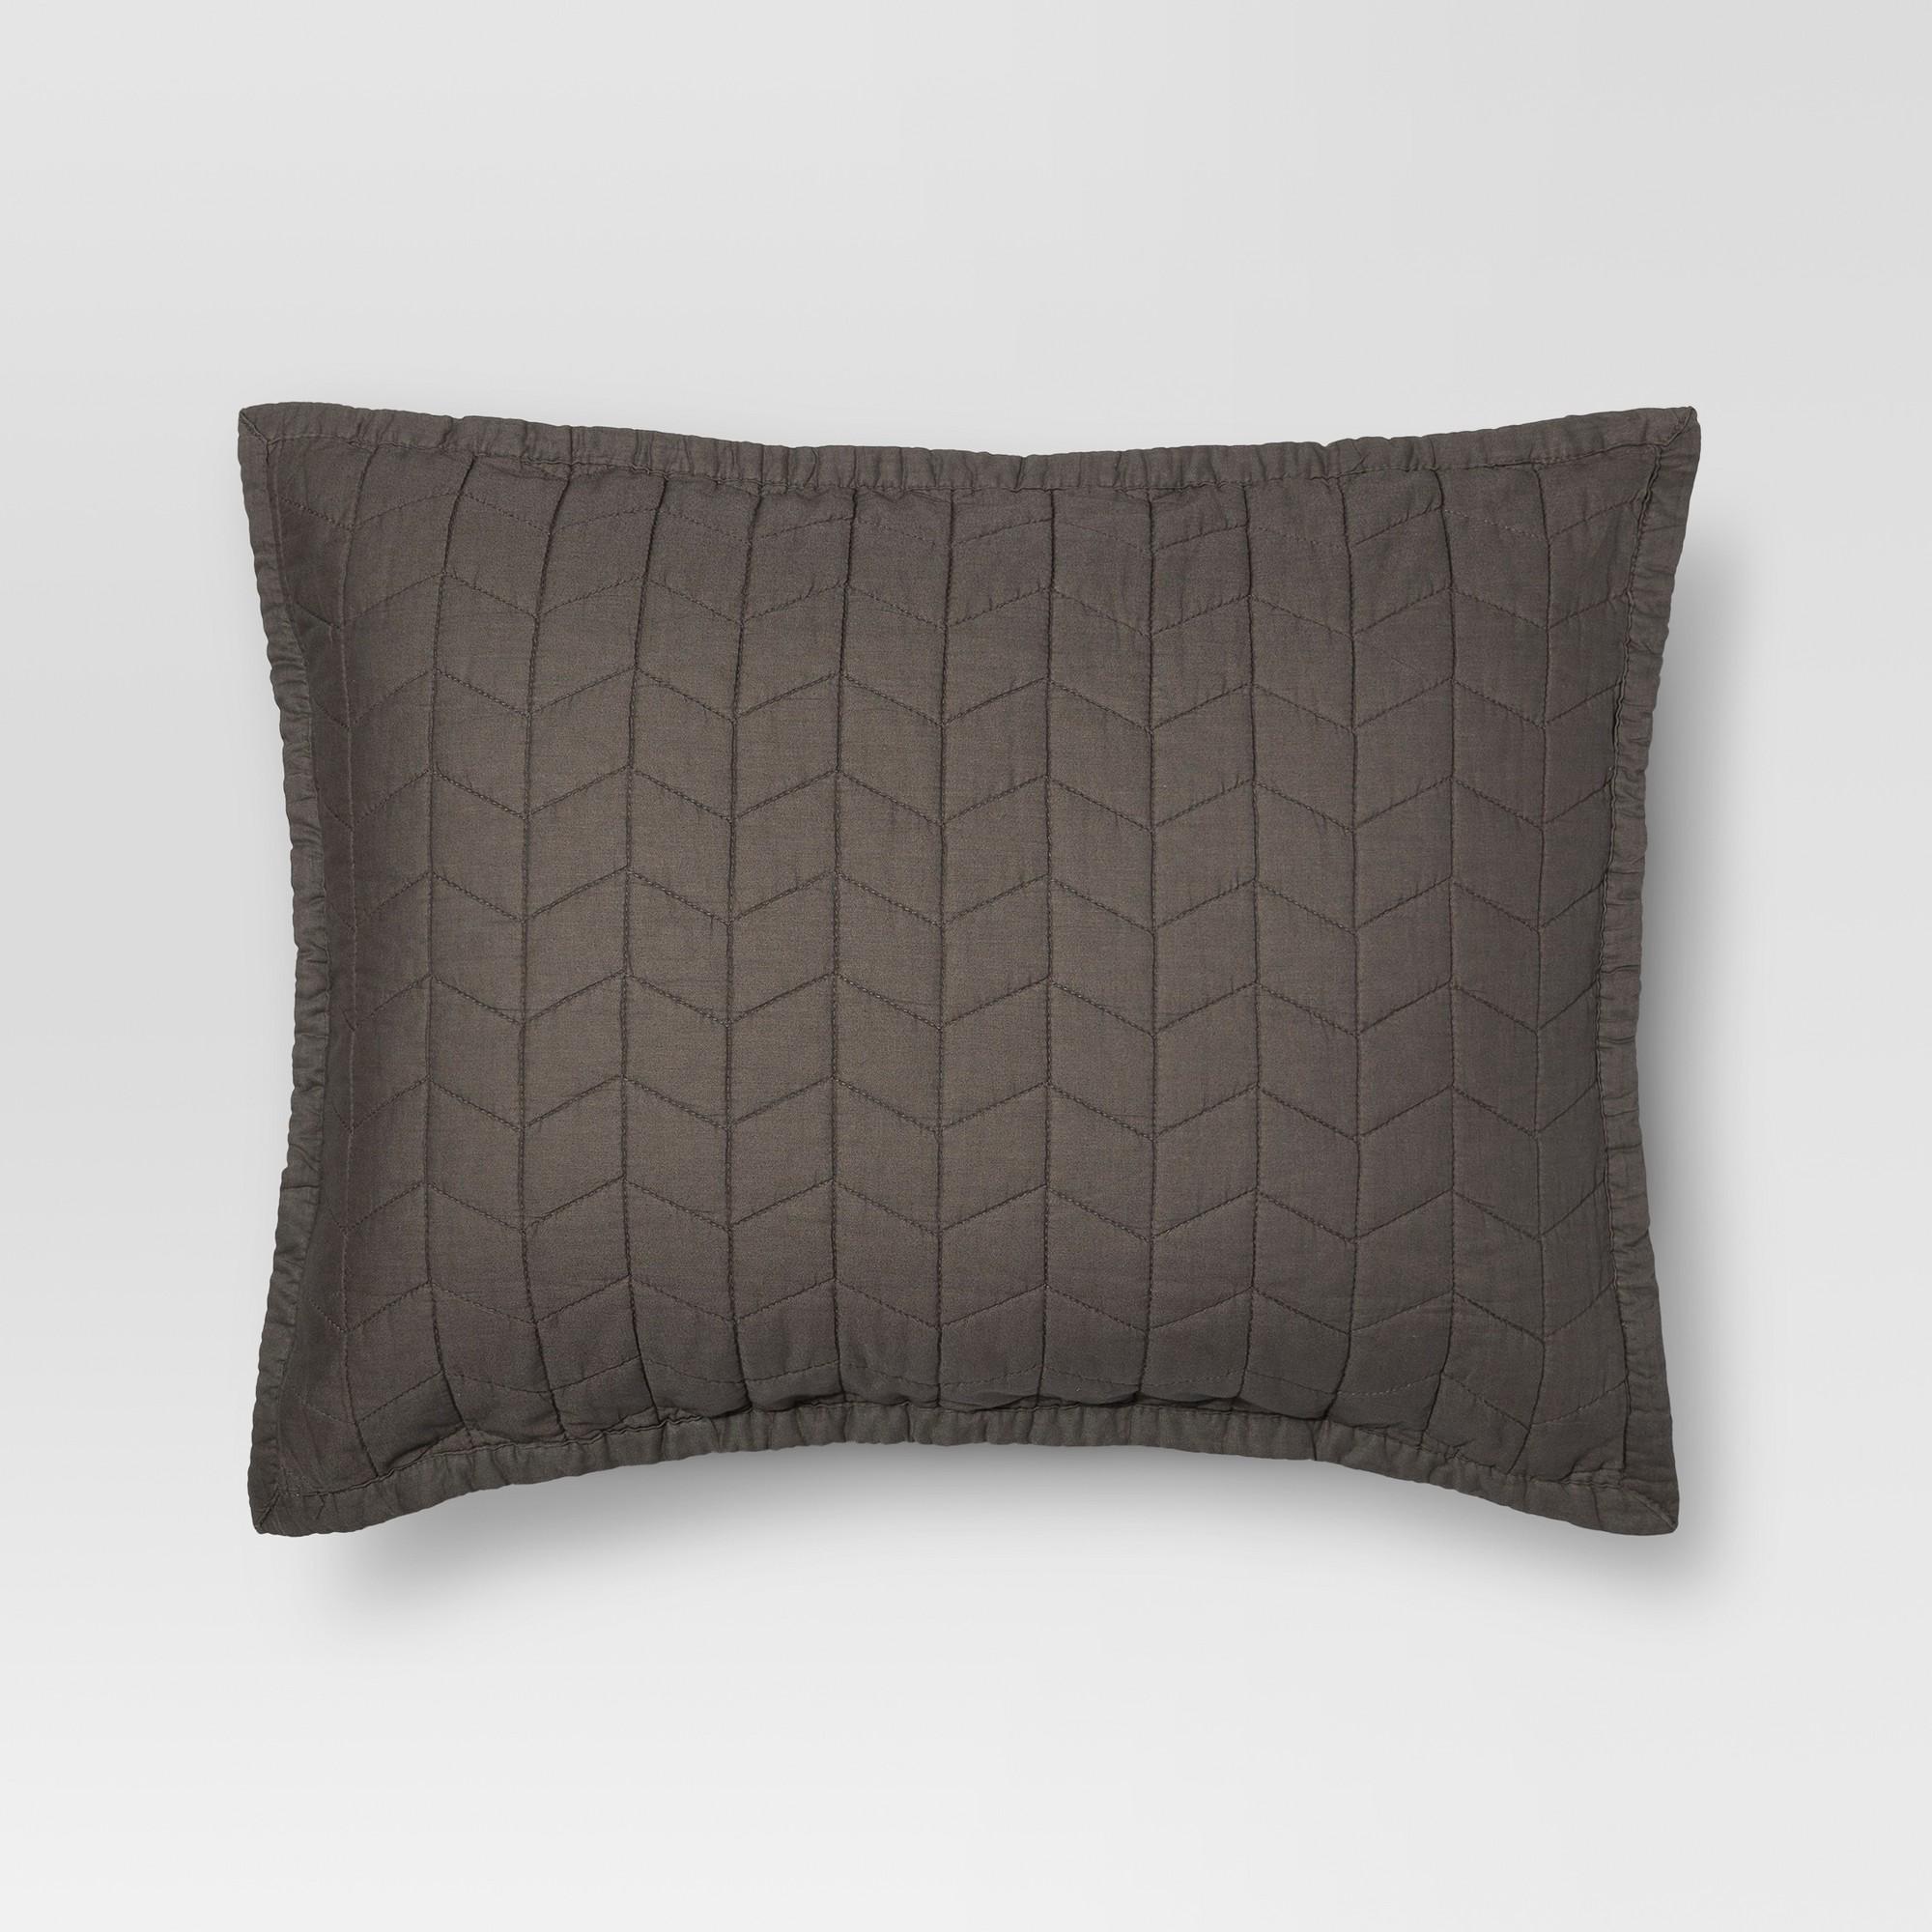 Gray Vintage Washed Solid Sham (Standard) - Threshold